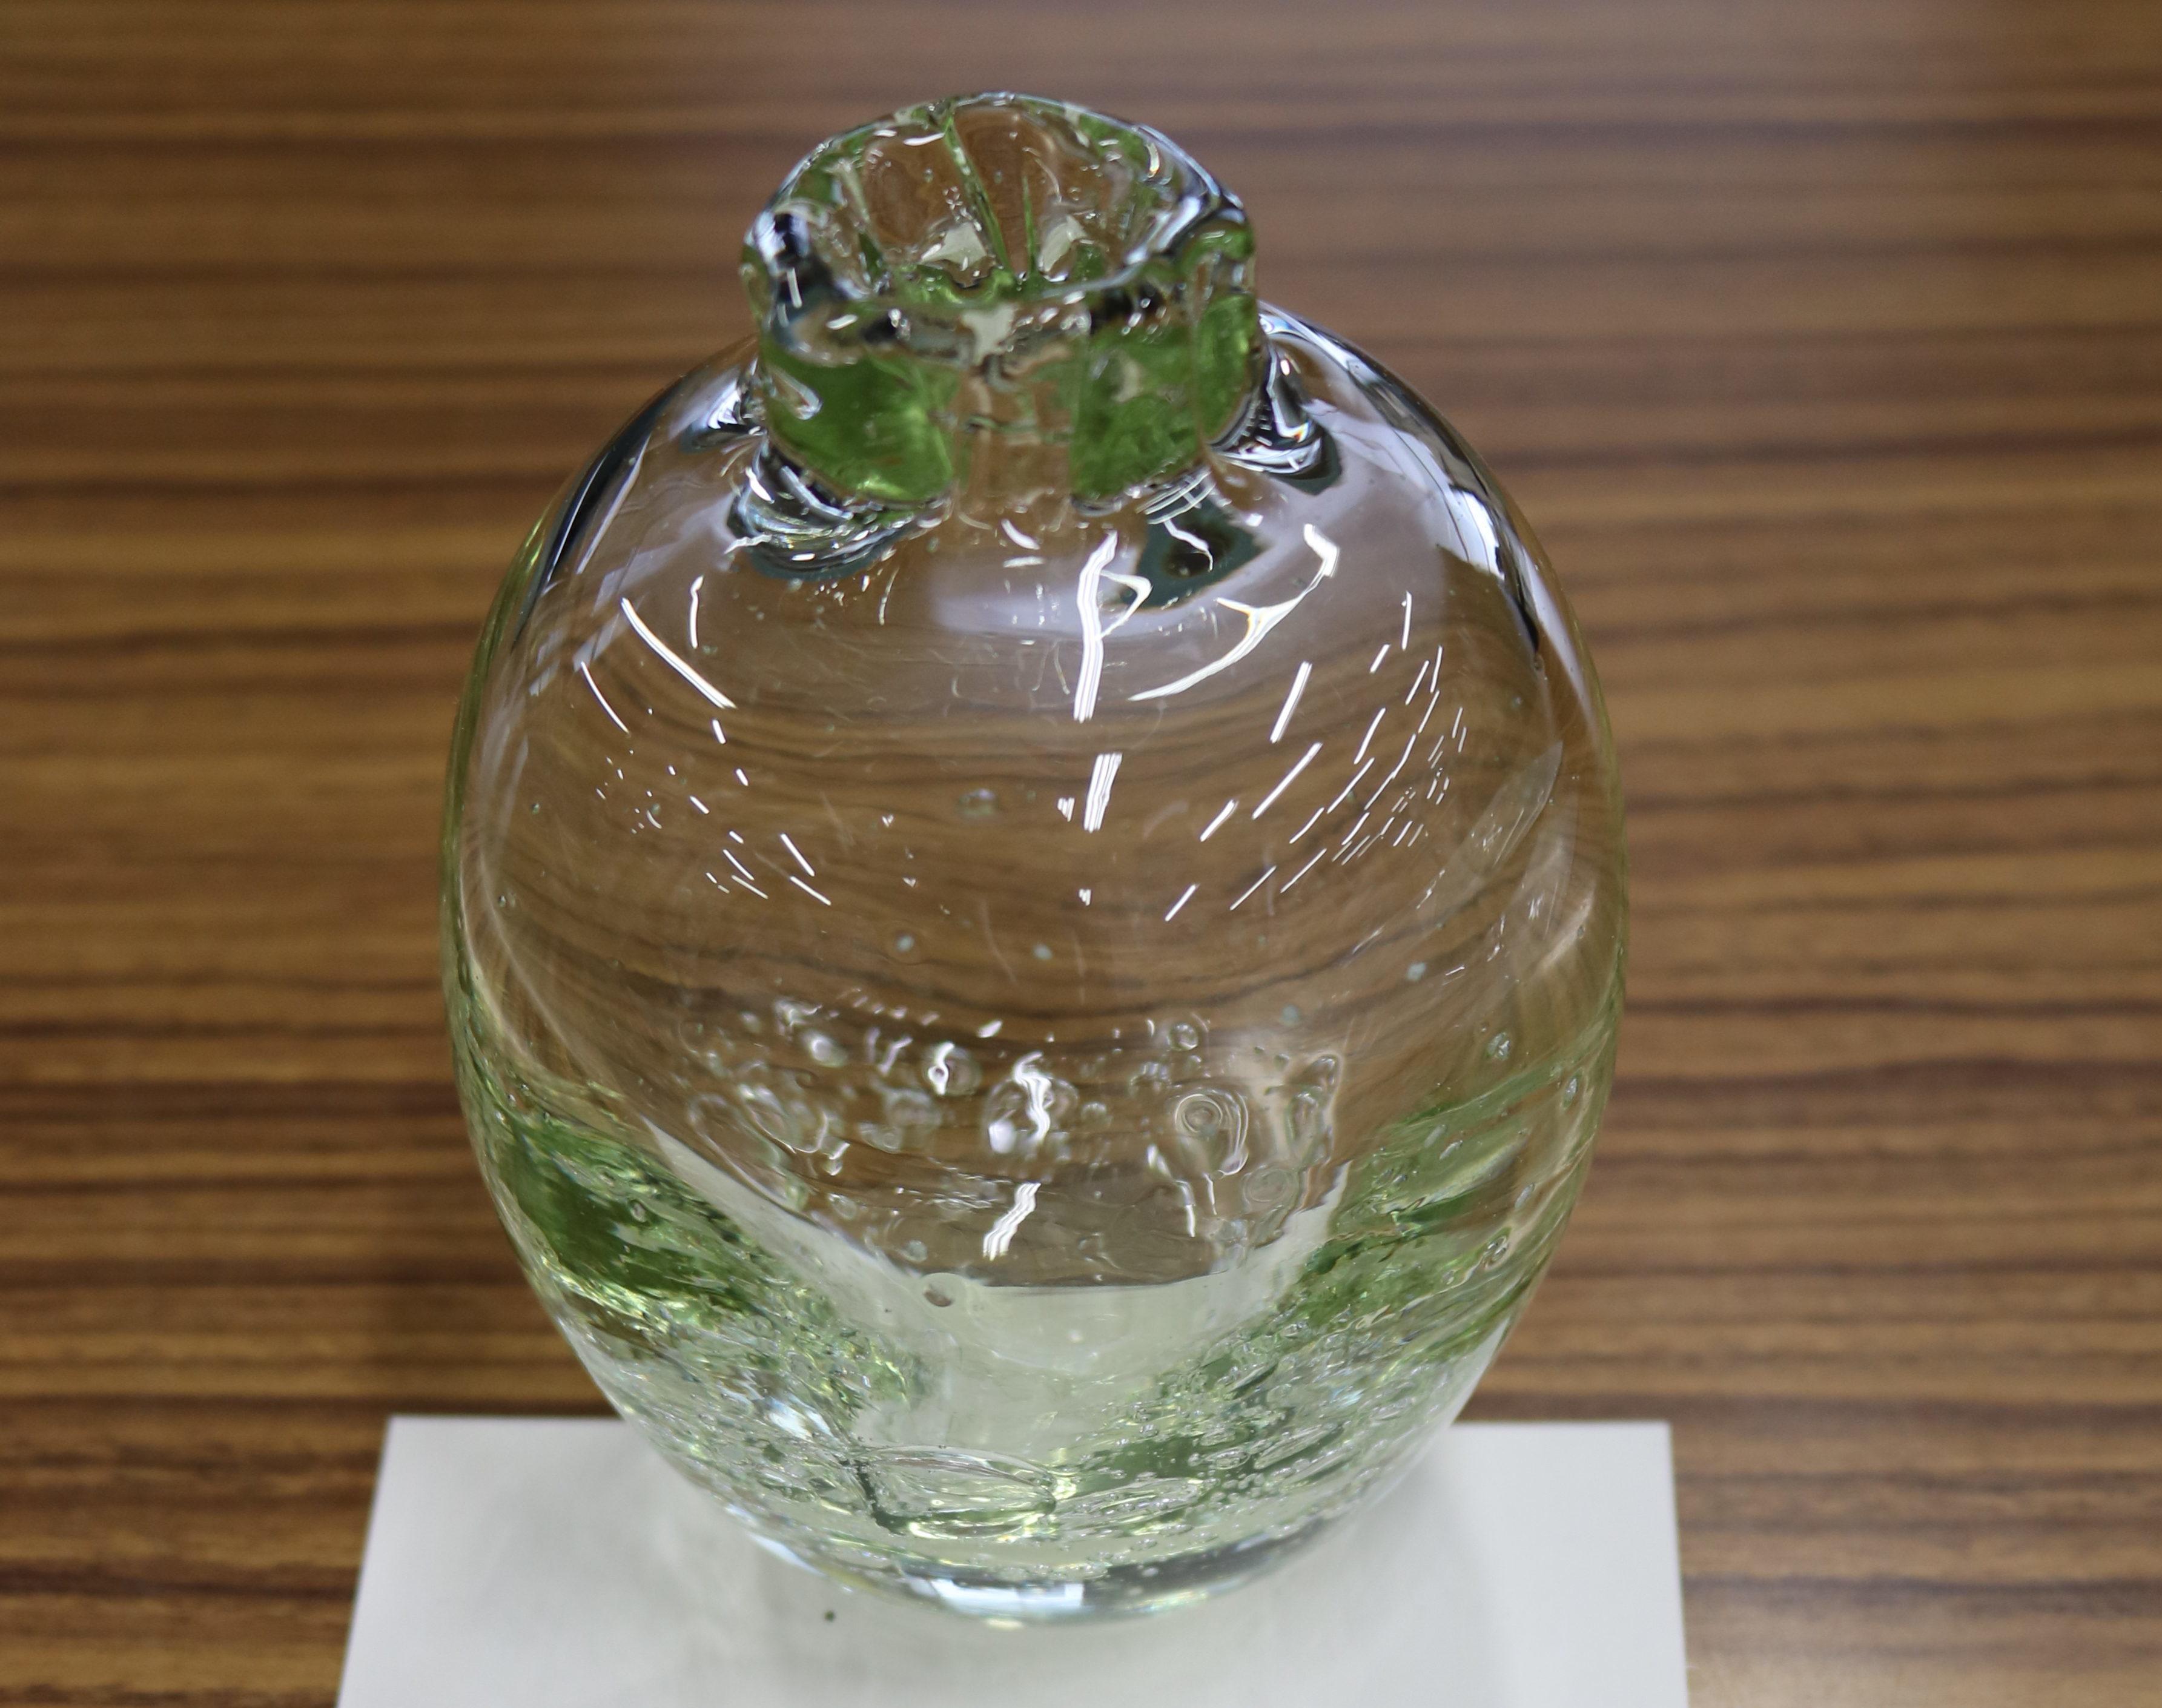 琵琶湖の水草が美しいガラス工芸に 滋賀県「水草等対策技術開発支援事業」のひとつが商品化